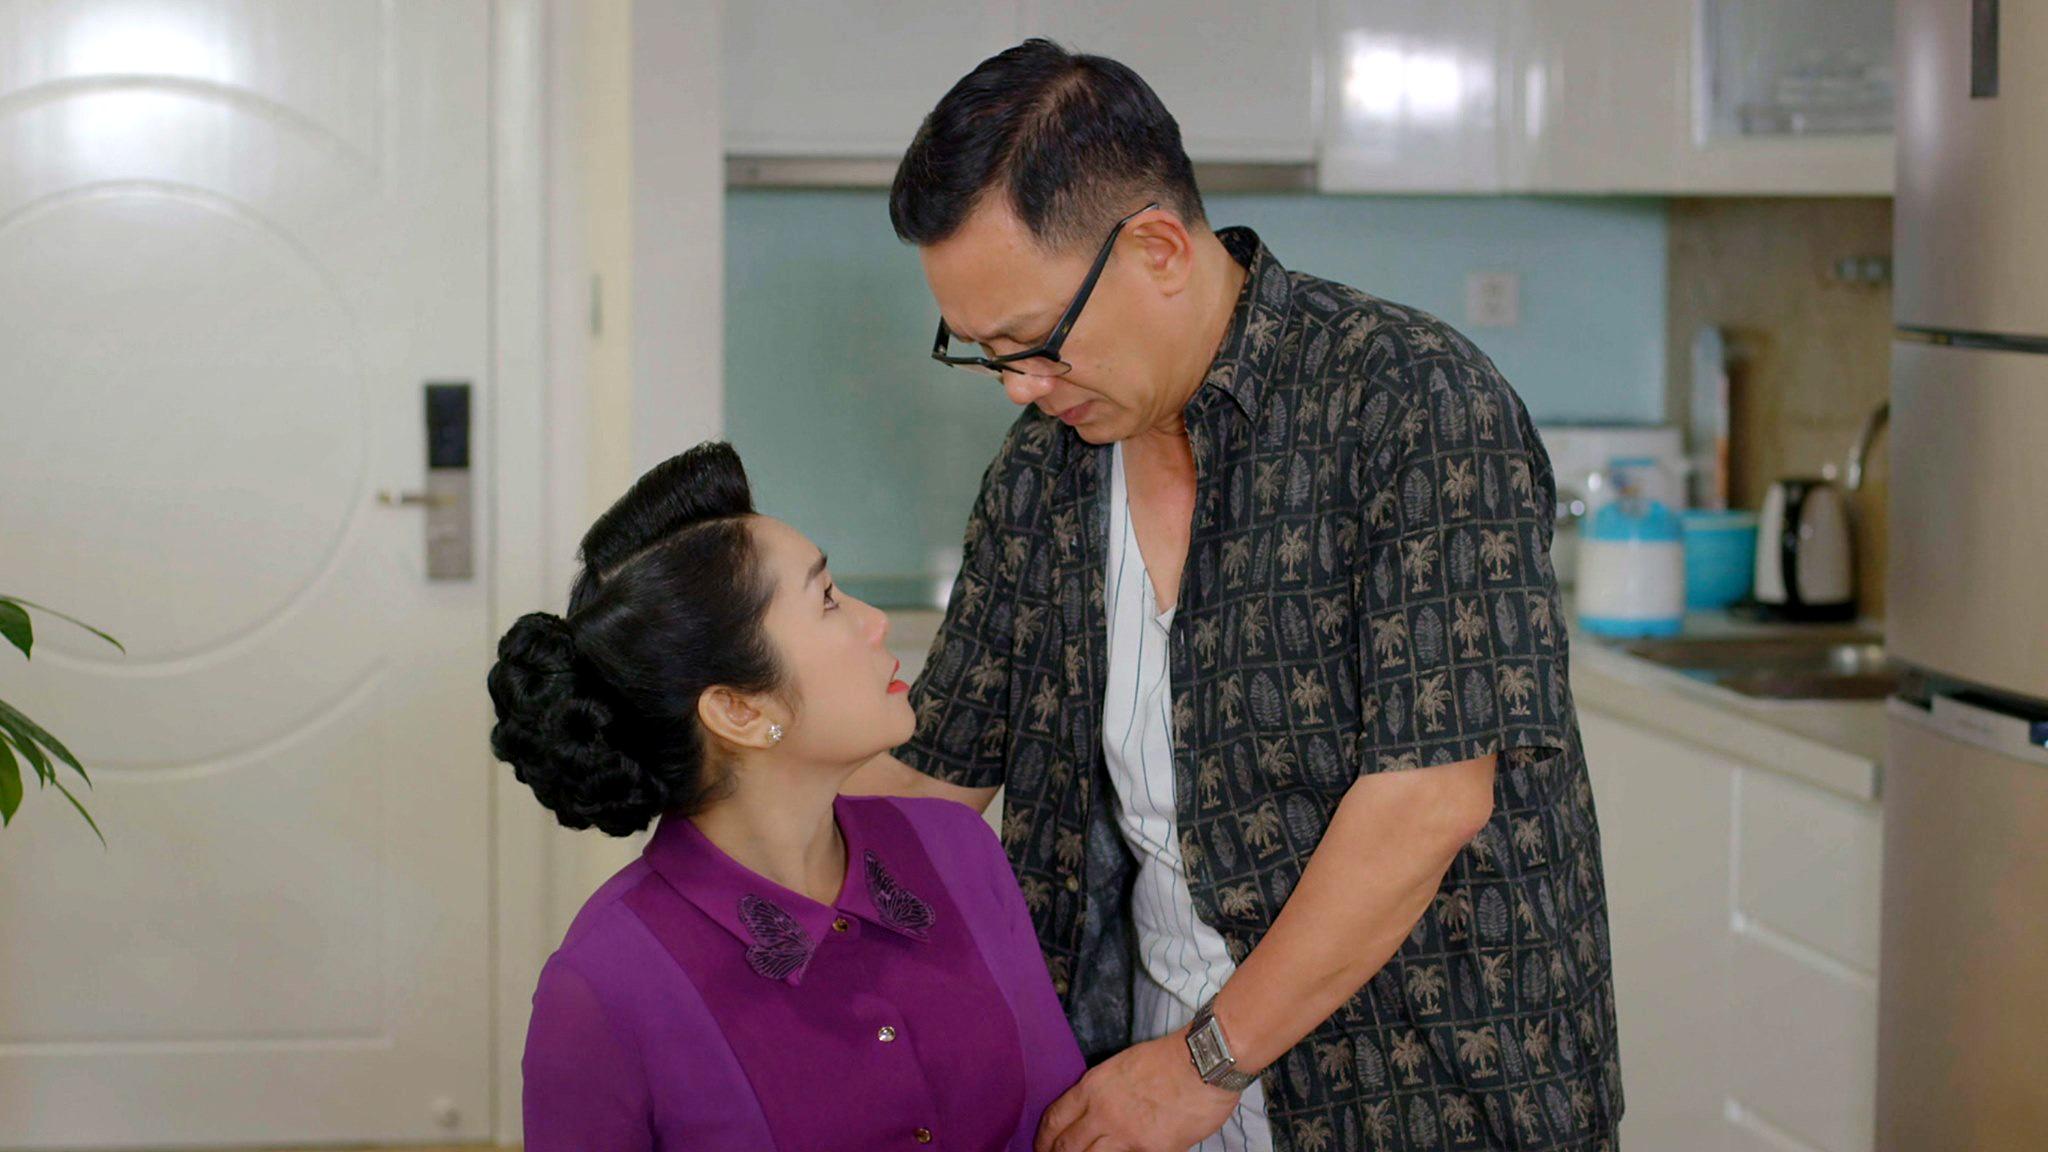 NSND Thu Hà nói về nụ hôn ngoài kịch bản với NSƯT Phạm Cường